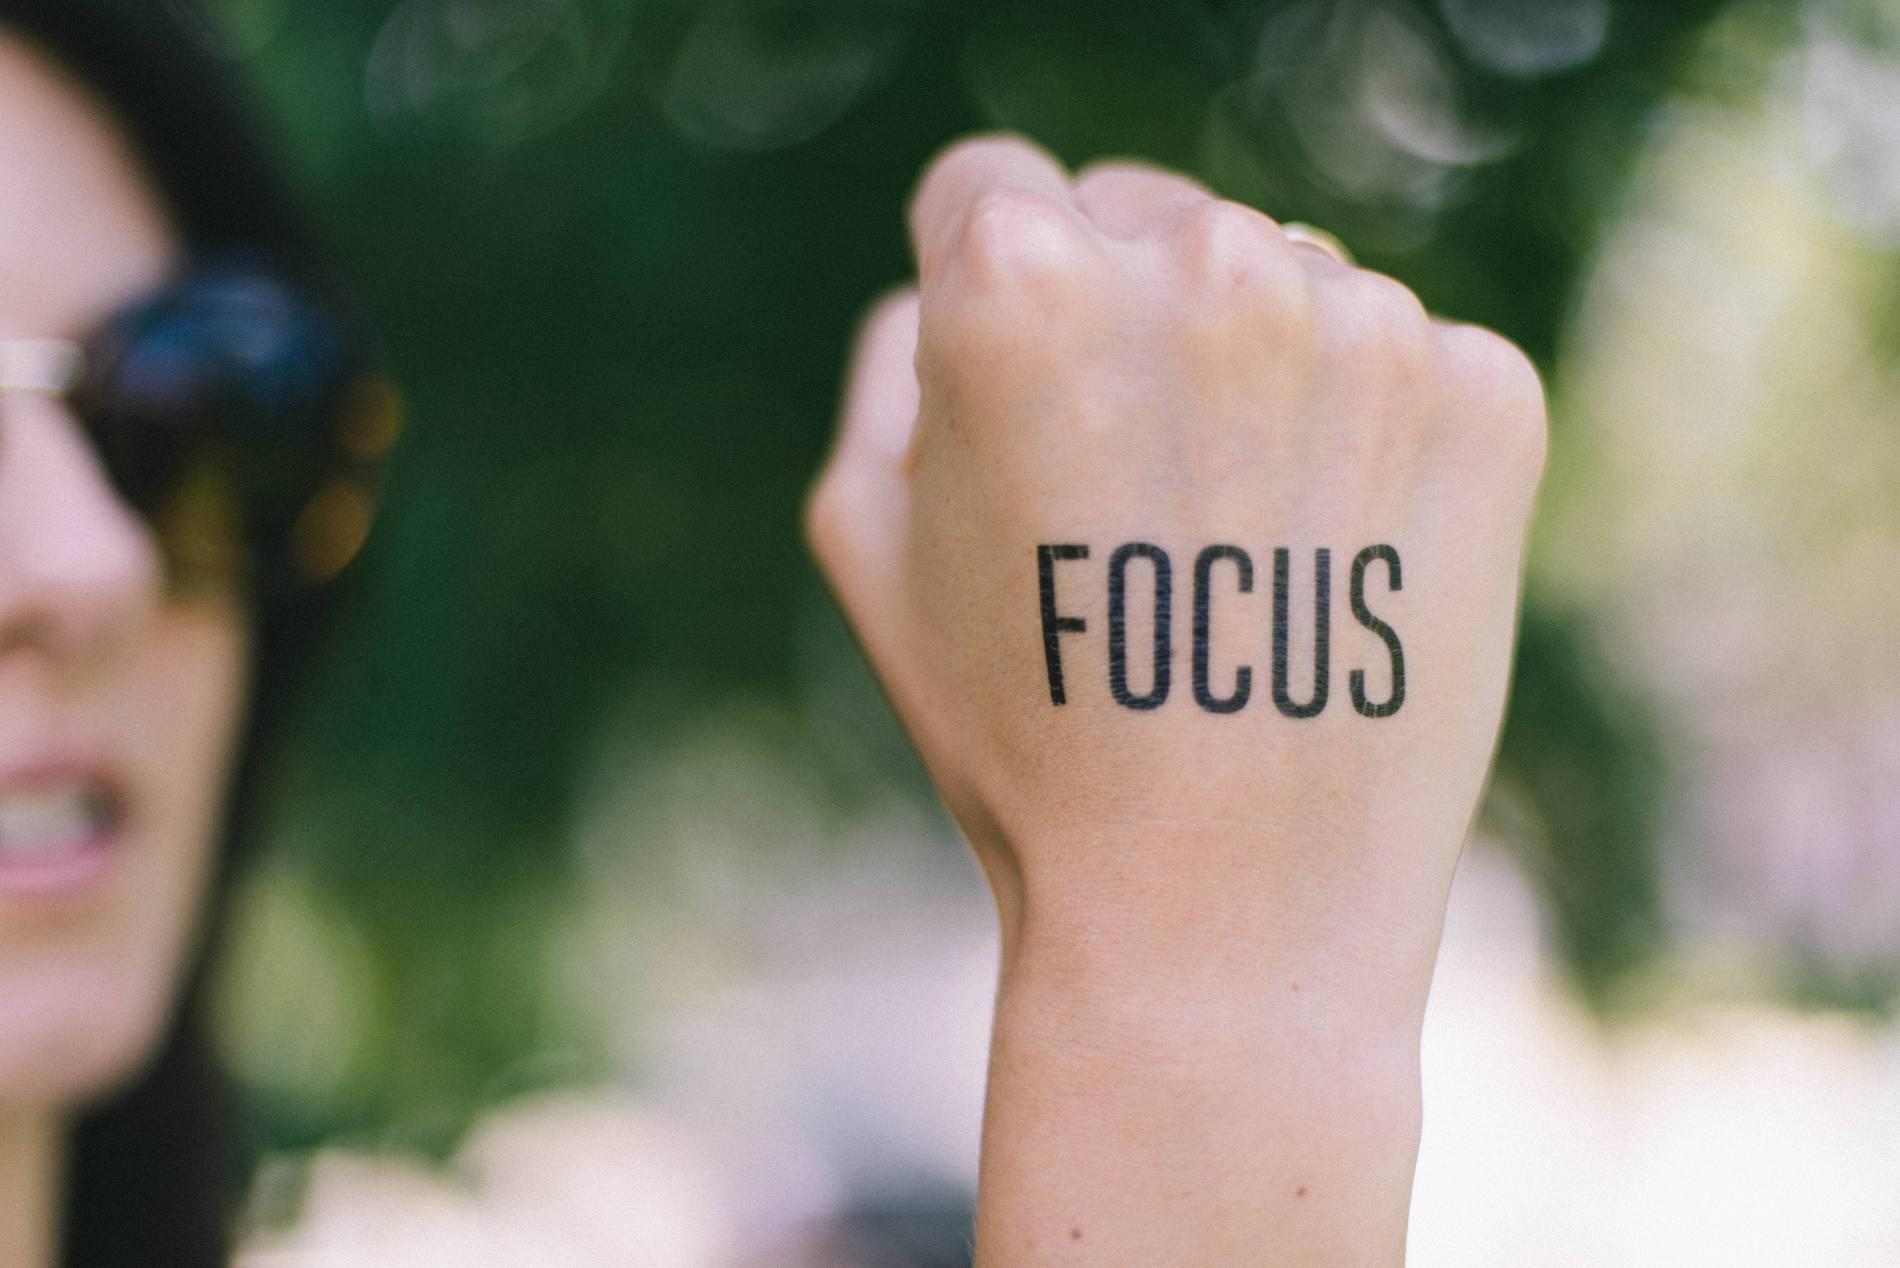 Kur und Motivations hochhalten